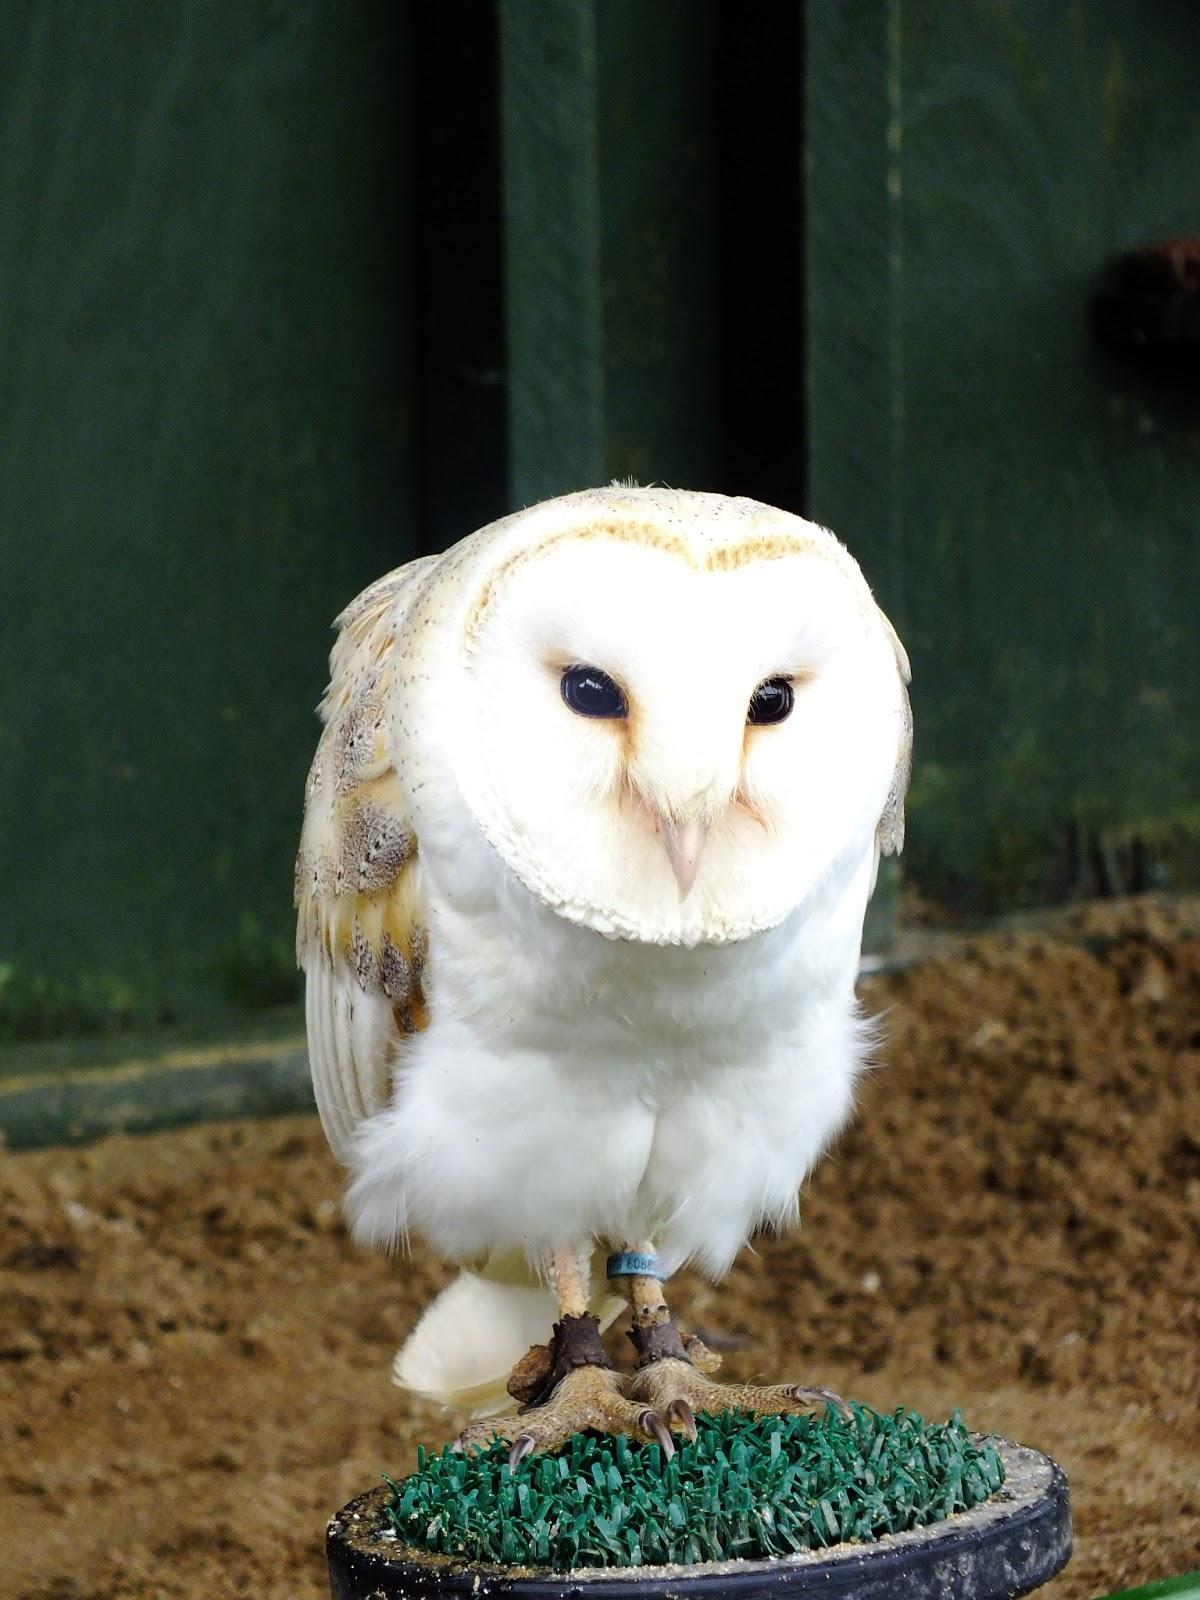 sowa biała, ptak drapieżny